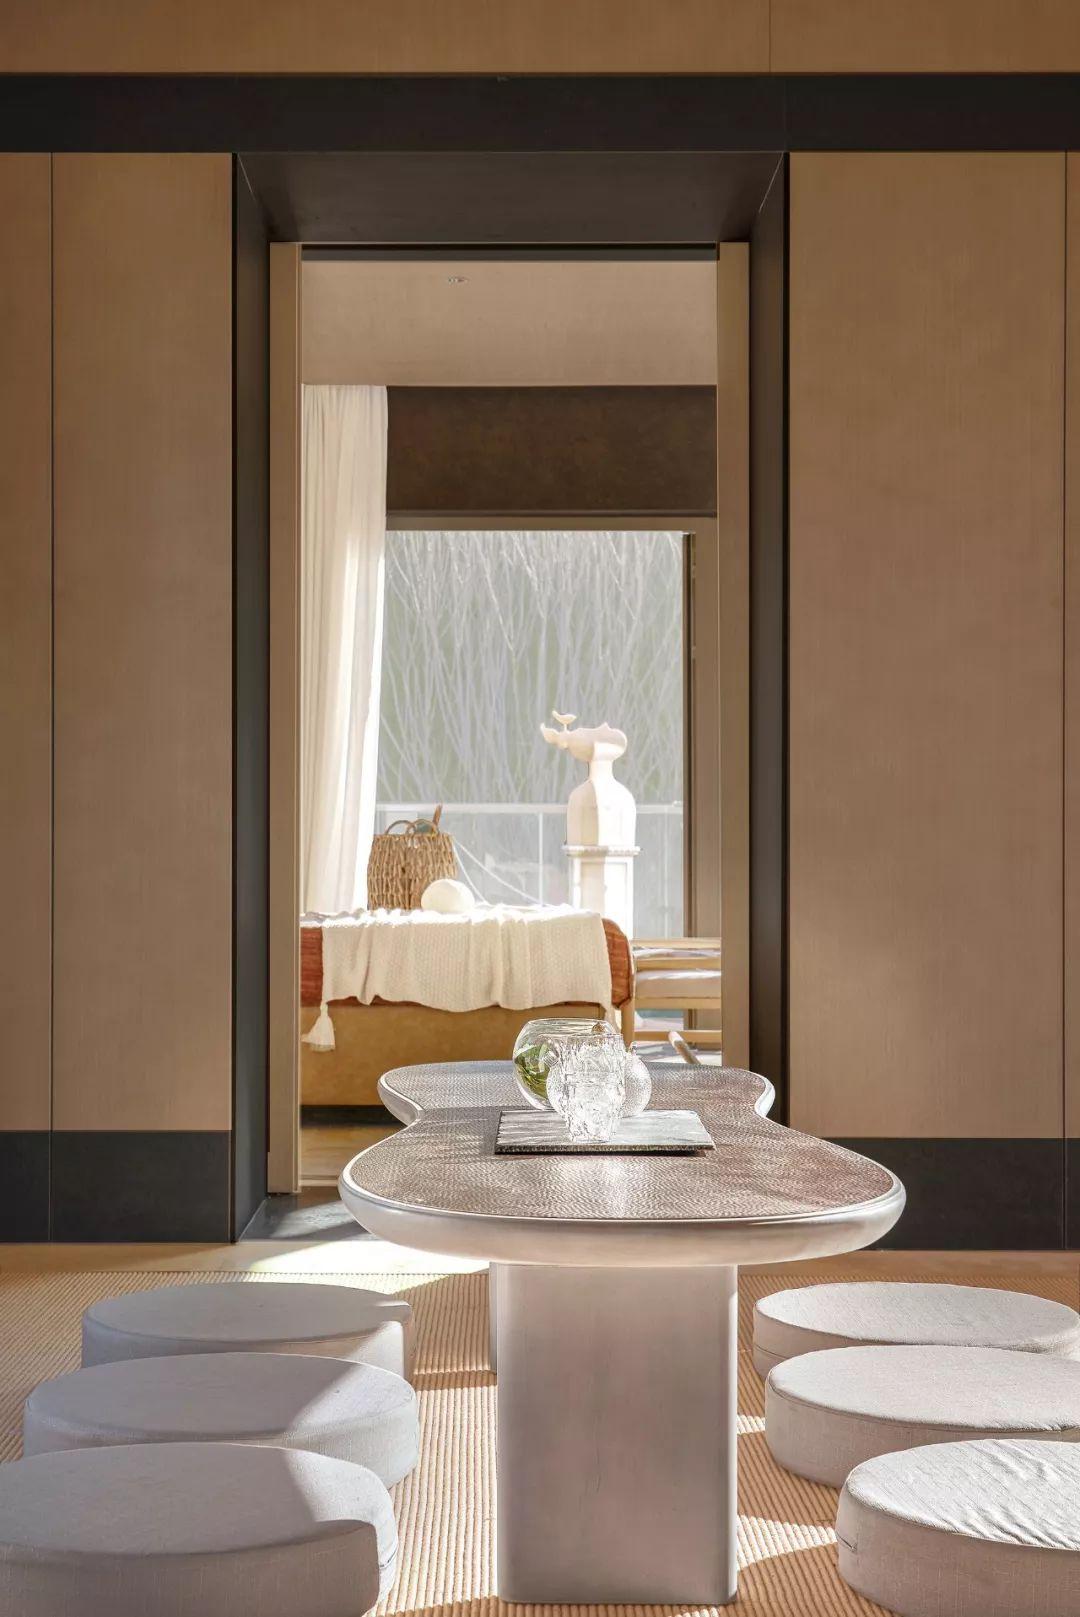 520㎡ 顶级别墅设计,打造朴质的室内气质!  - 11